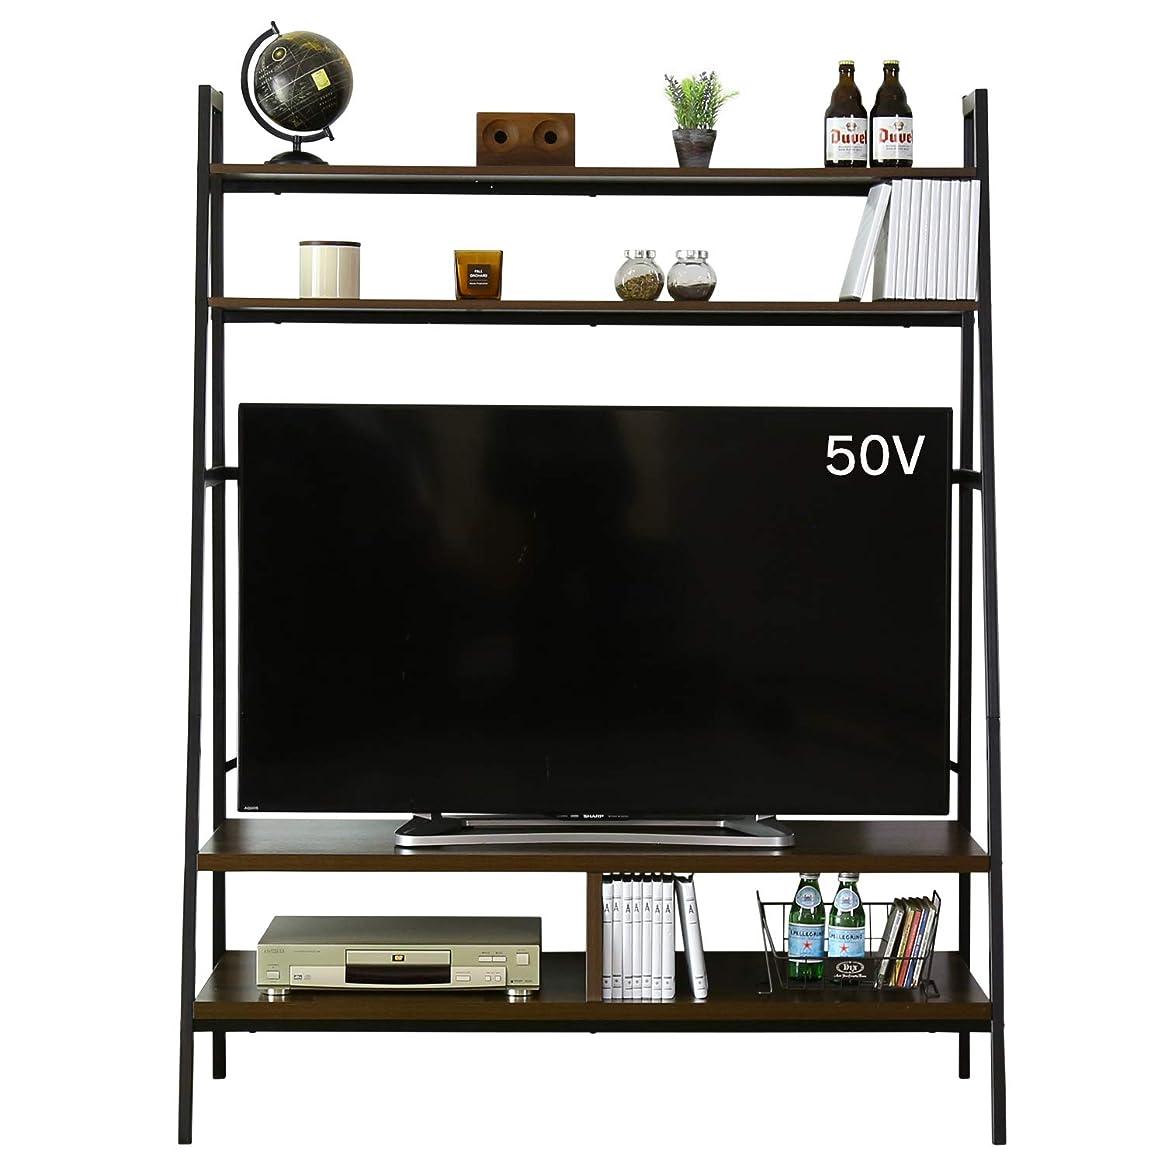 発信雄弁家溶けたDORIS テレビ台 テレビラック 120 120cm幅 46V型まで対応 壁面収納 ローボード テレビボード オープン収納棚 組立式 ウォルナット セラー